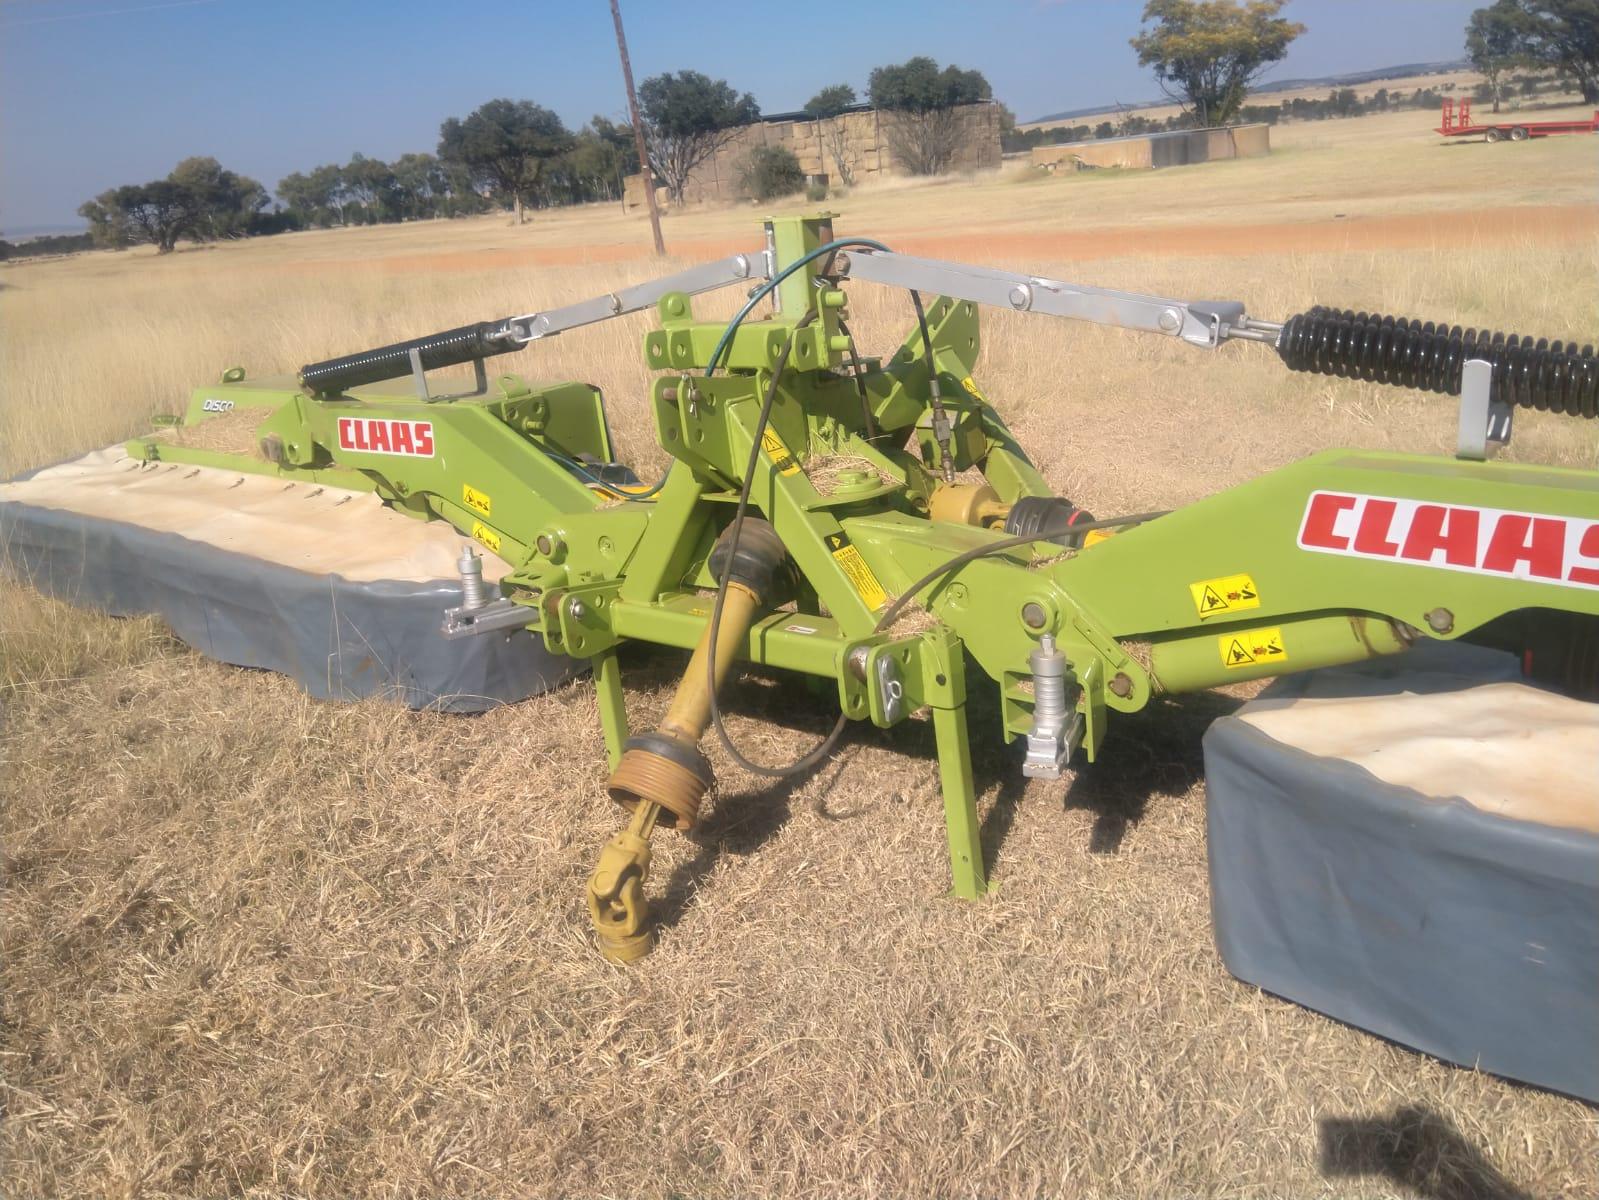 refurbished-claas-8550c-butterfly-mower